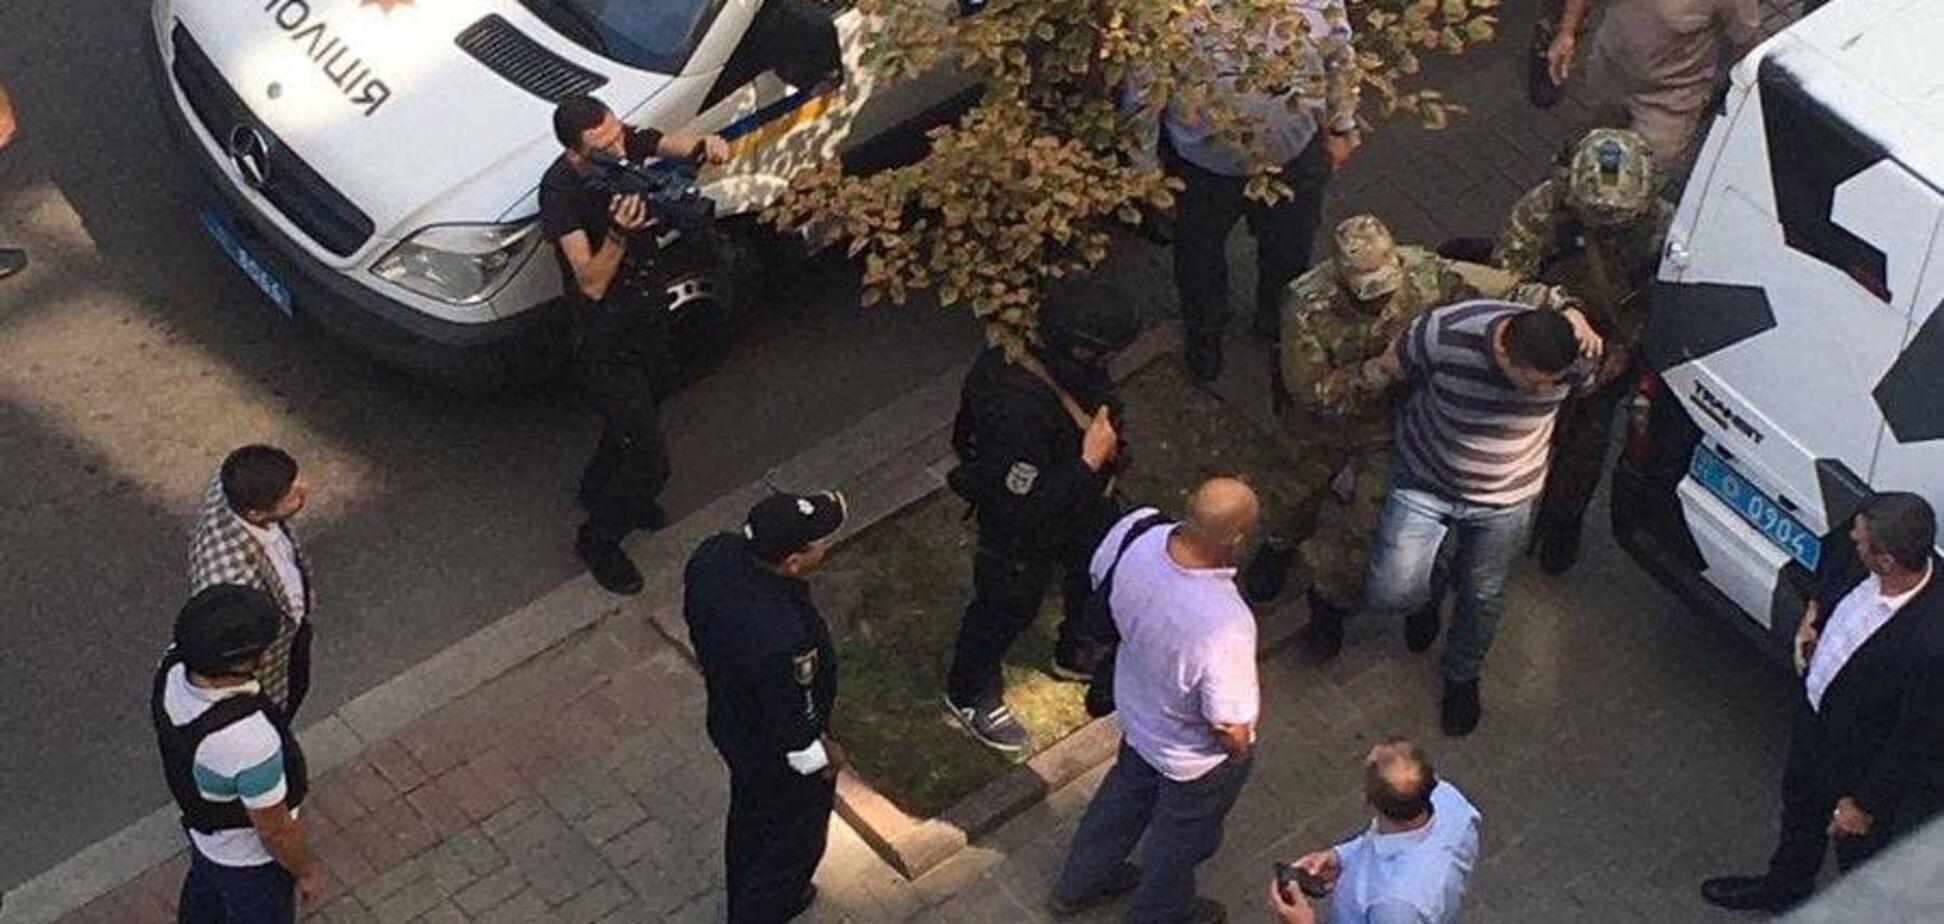 Затримали чоловіка, який погрожував підірвати гранату в Кабміні